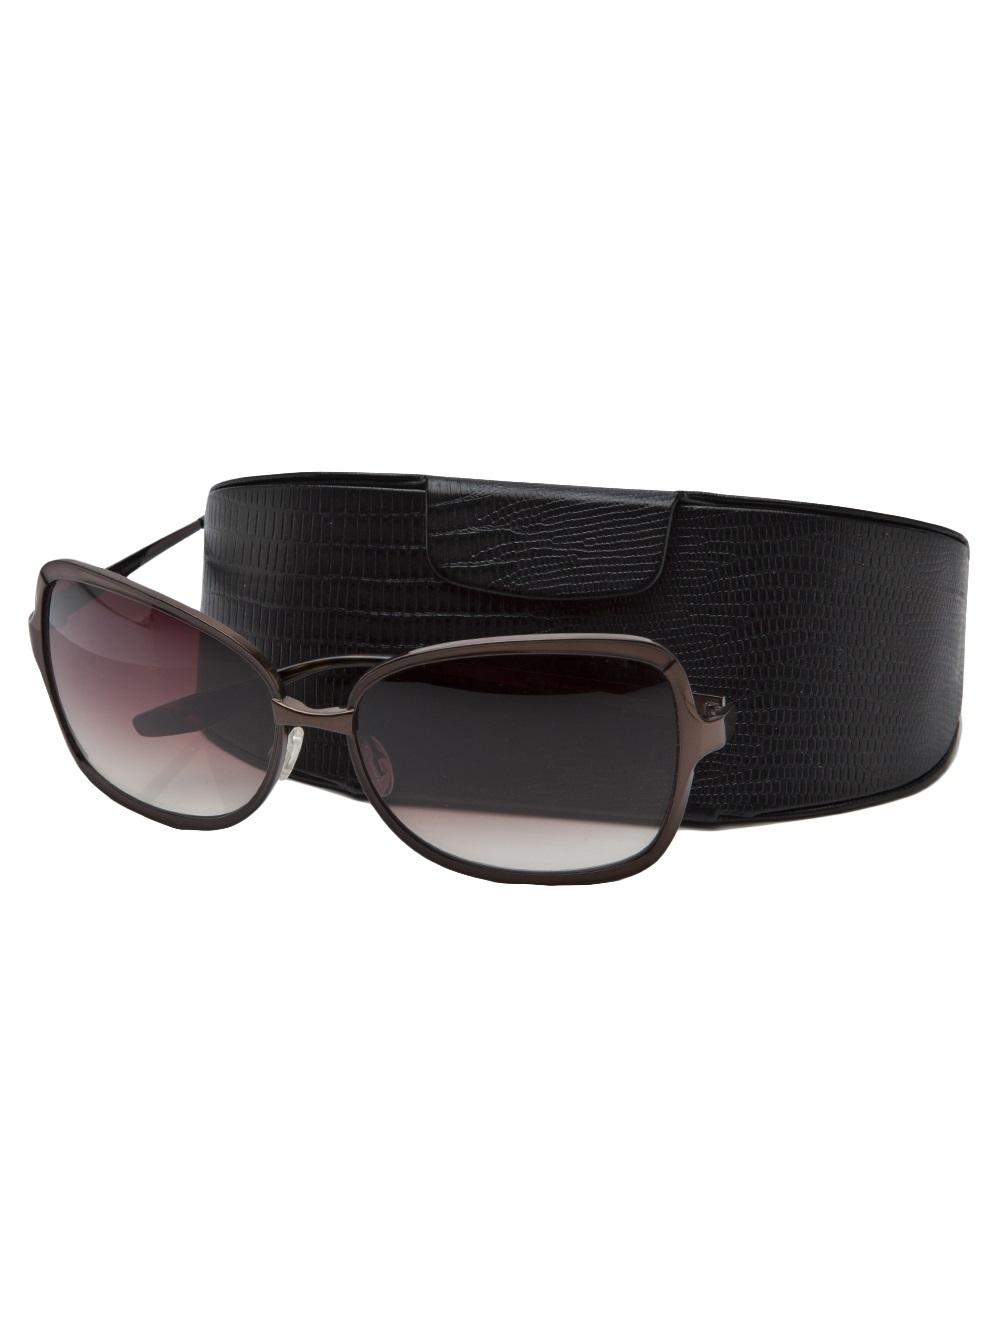 Barton Perreira Serene Sunglasses in Brown